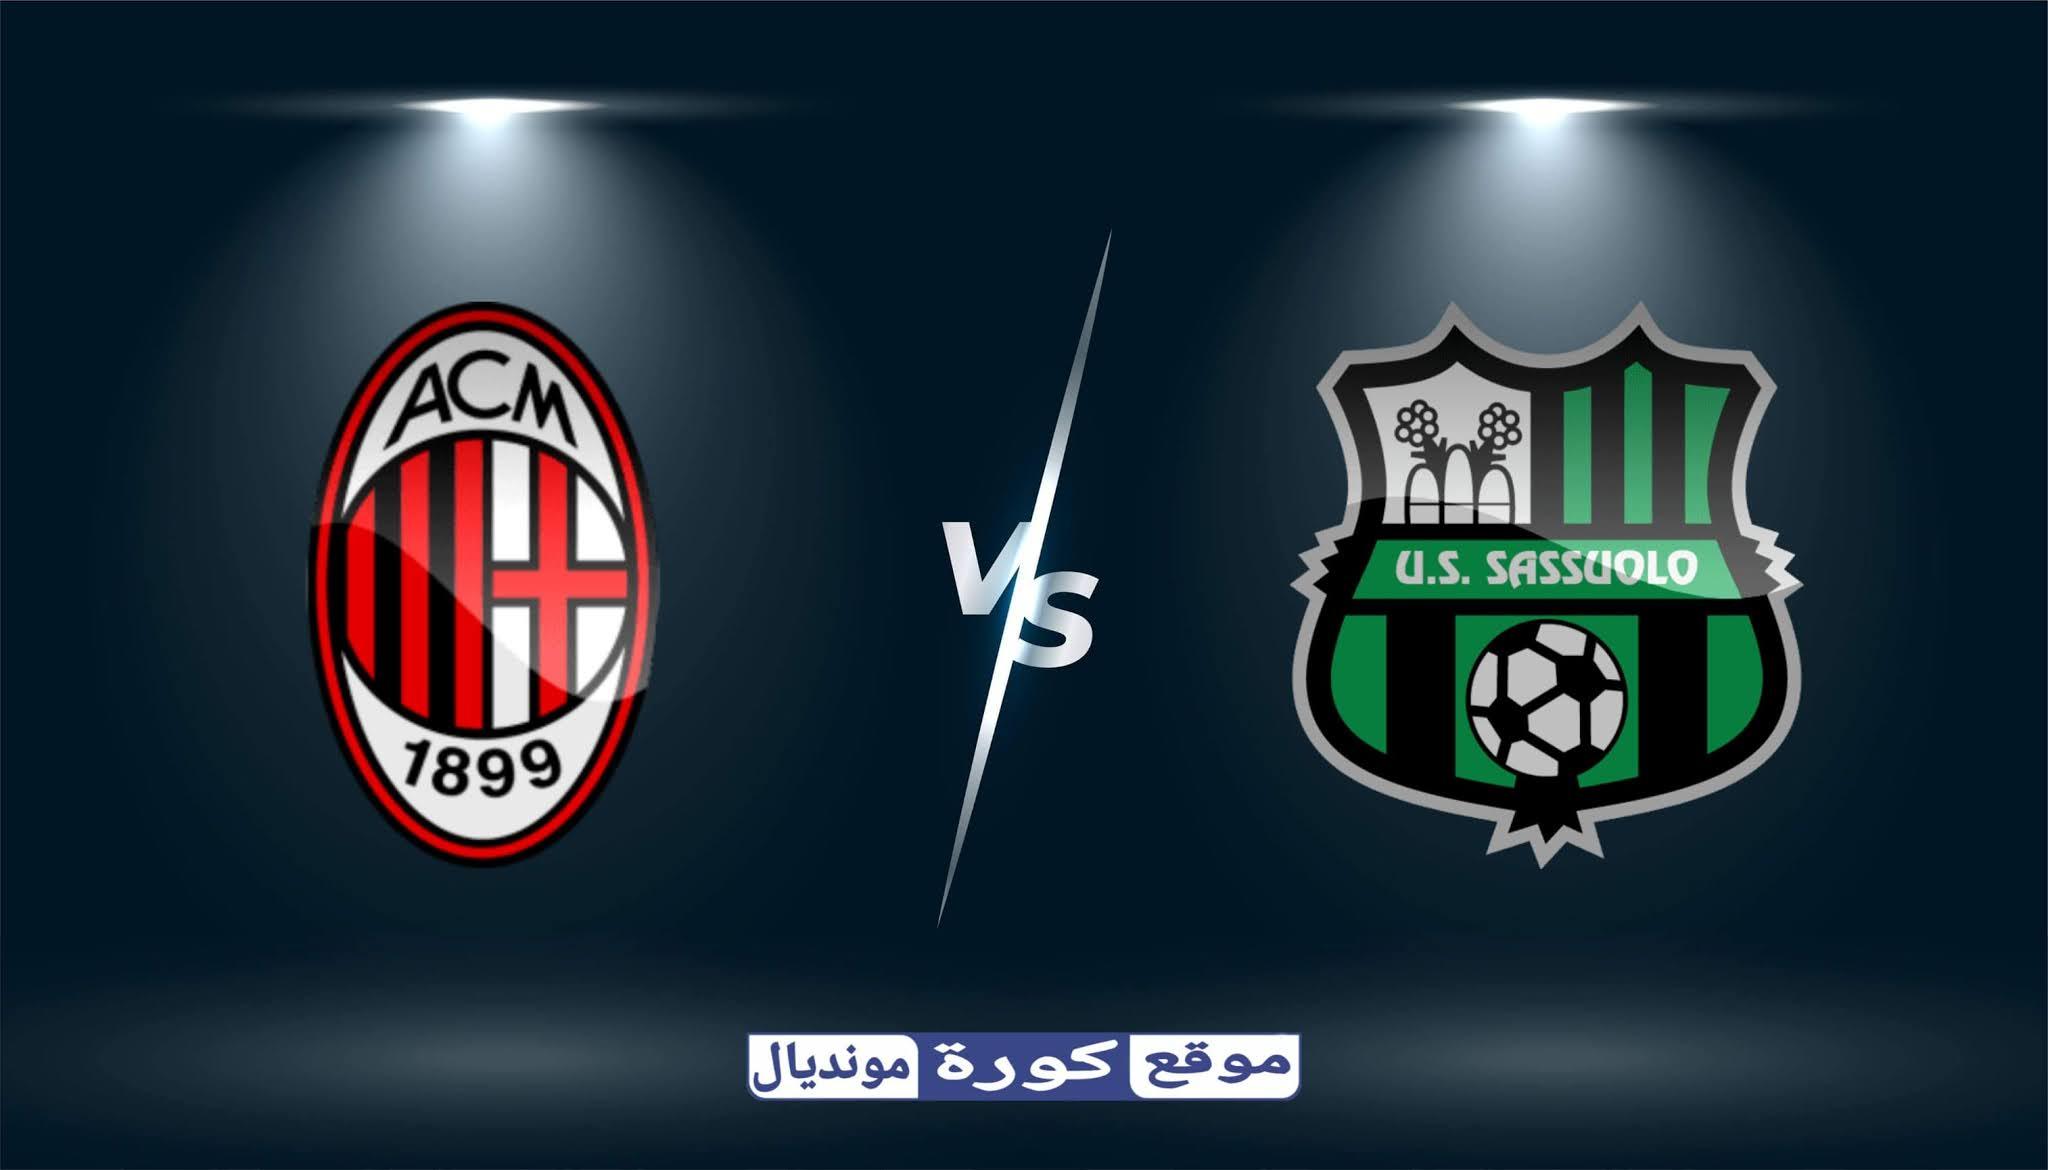 مشاهدة مباراة ميلان و ساسولو بث مباشر اليوم 20-12-2020  الدوري الإيطالي